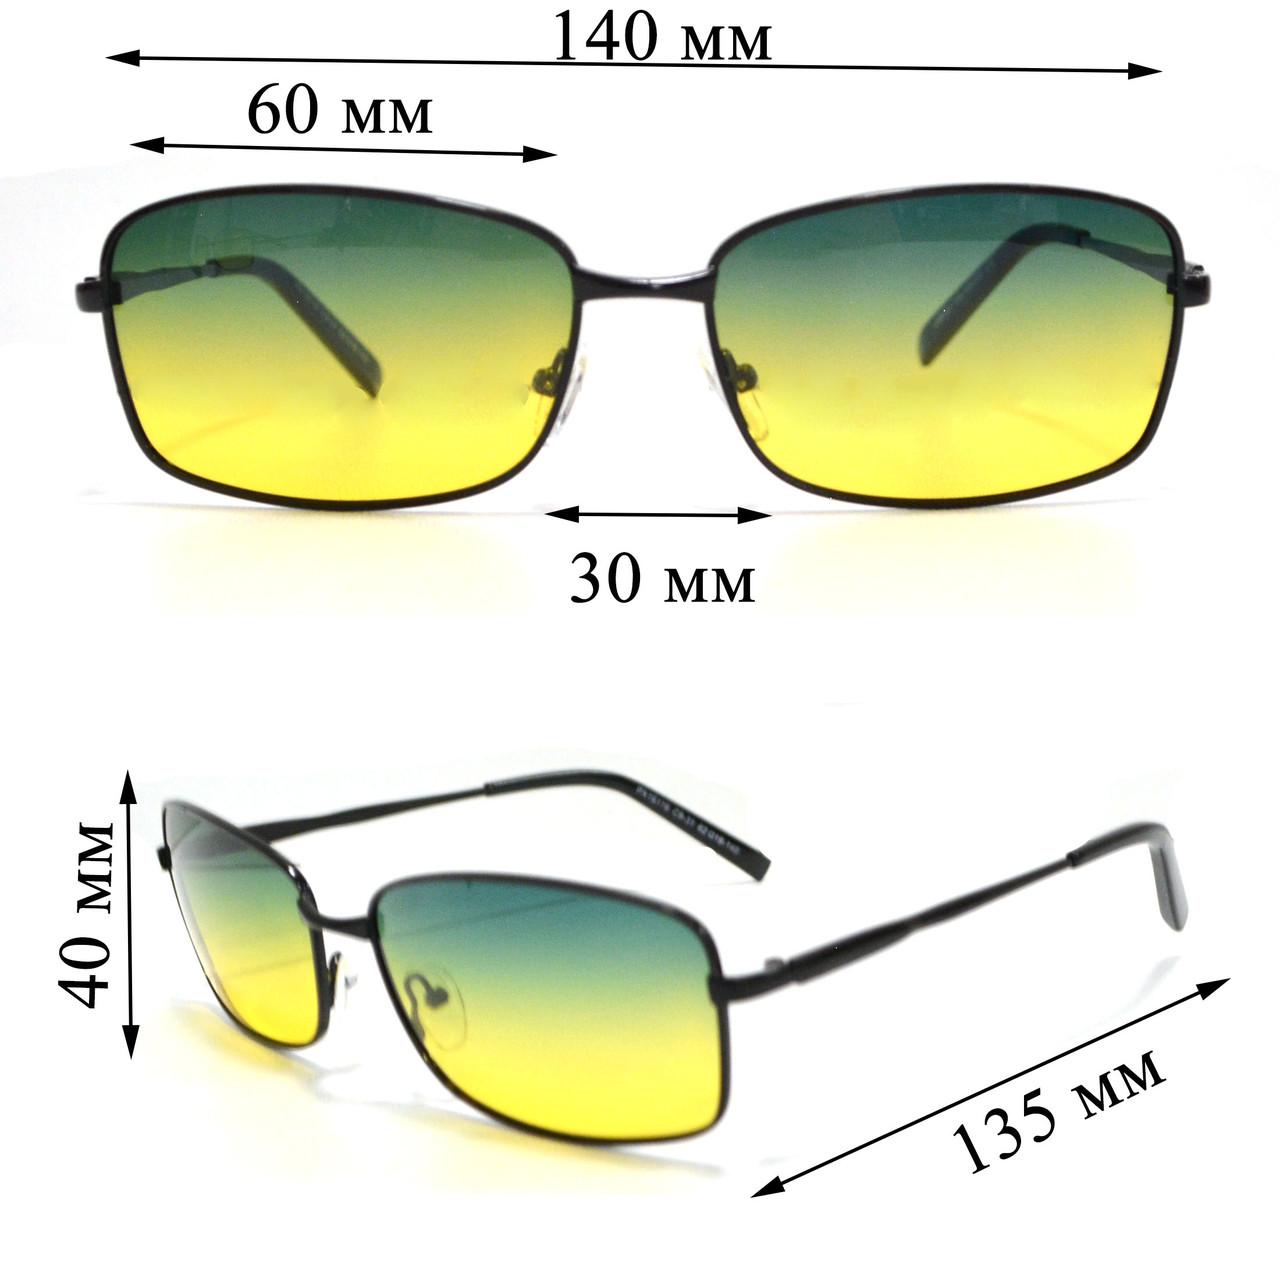 Солнцезащитные поляризационные очки ПОЛАРОИД UV400 тонкая оправа желто зеленые стекла АВТО PX16116 - фото 2